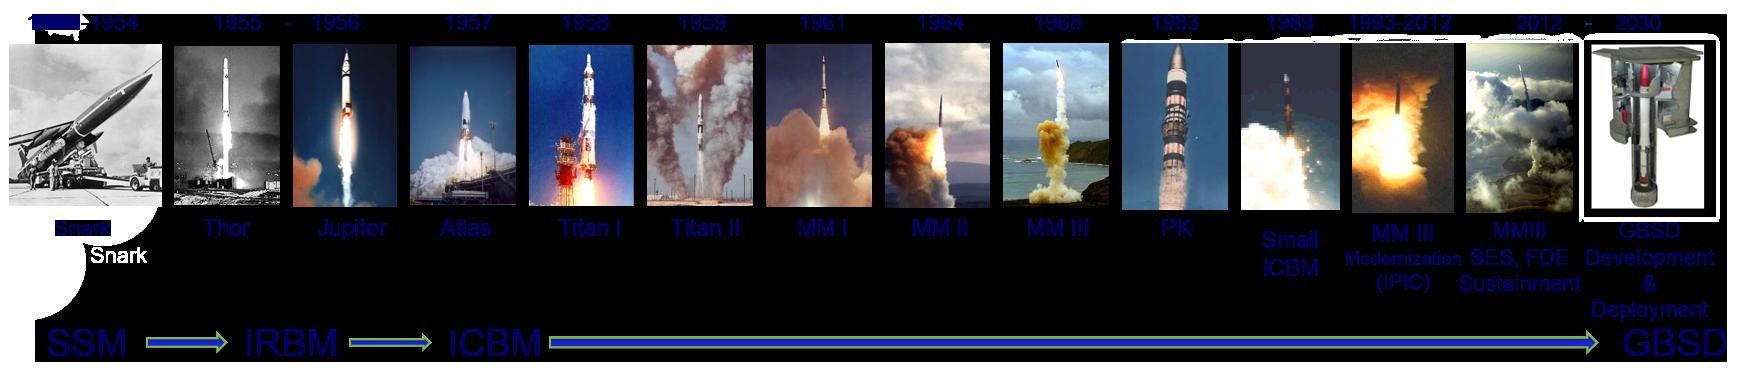 ICBM_Timeline